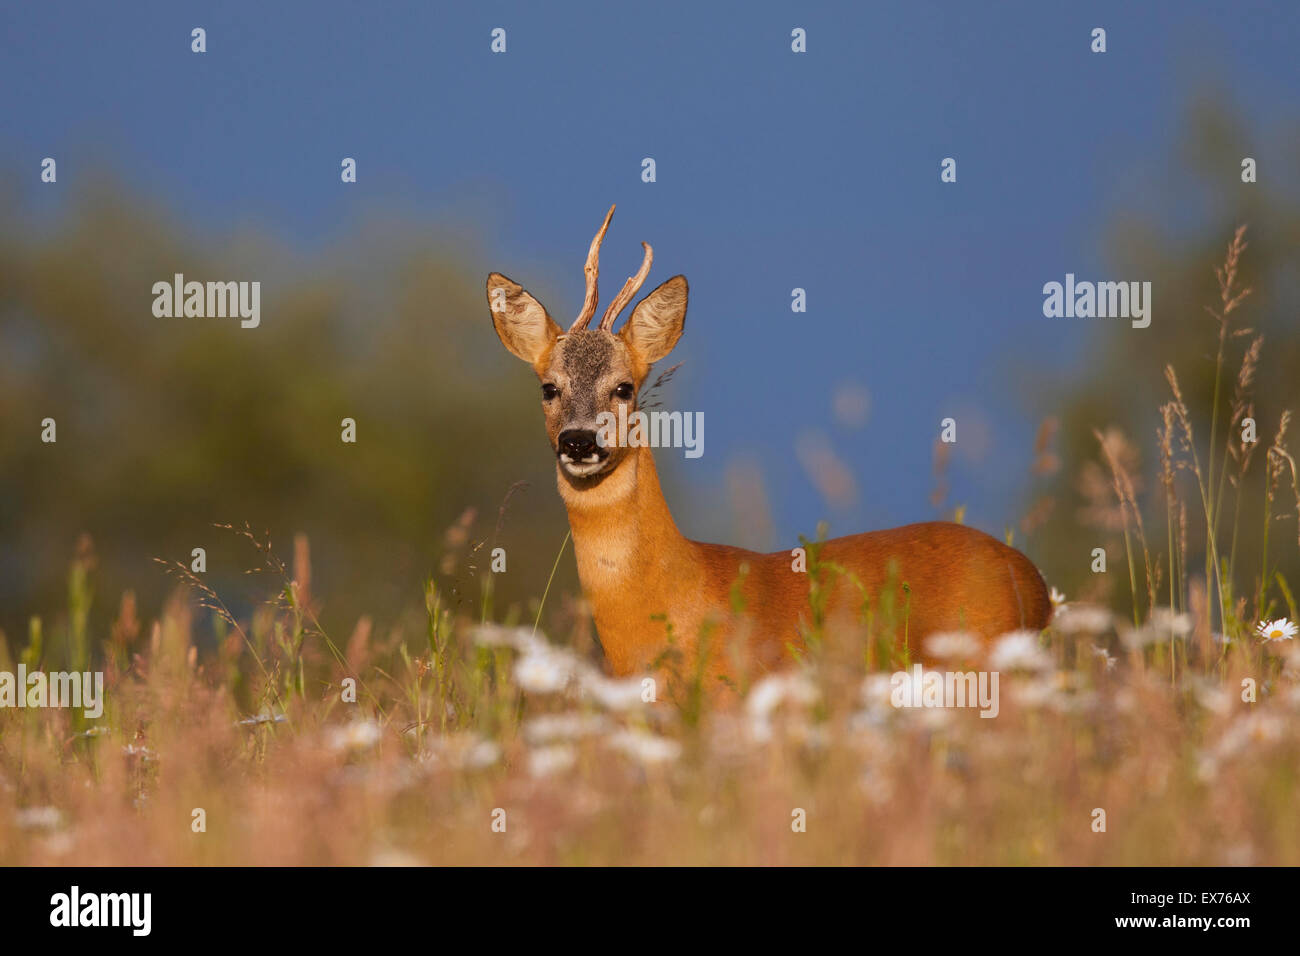 Roe deer (Capreolus capreolus) roebuck with deformed antlers in meadow in summer - Stock Image